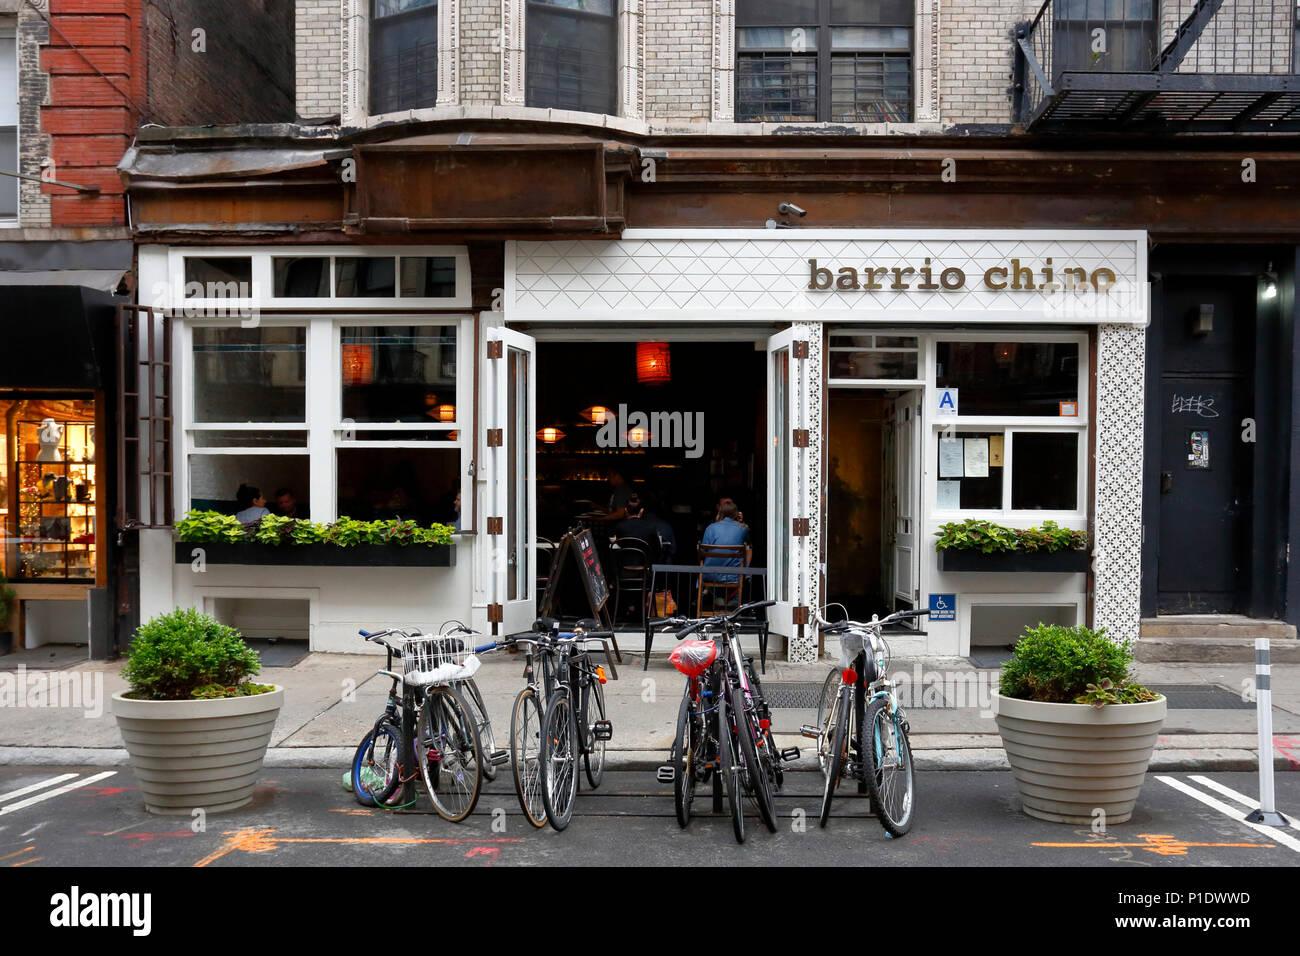 Barrio Chino, 253 Broome St, New York, NY - Stock Image